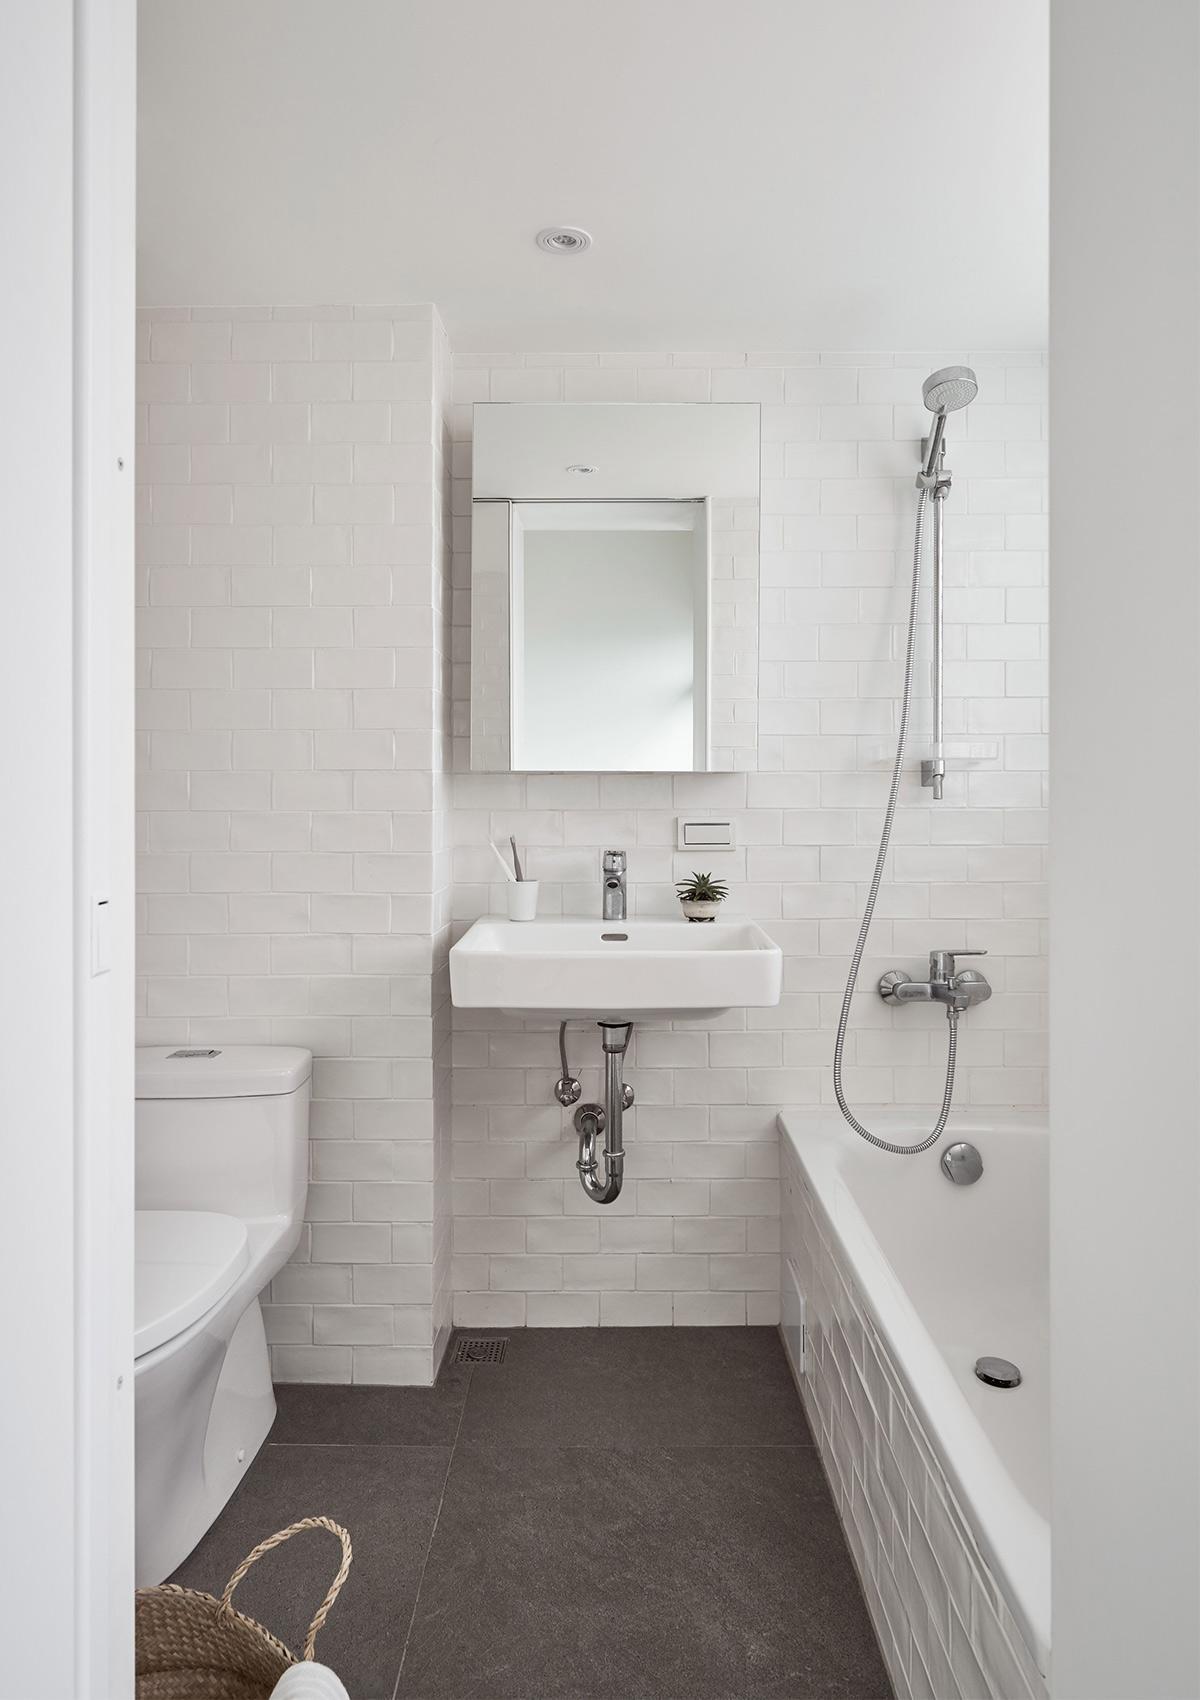 thiết kế nhà vệ sinh cho căn hộ chung cư nhỏ